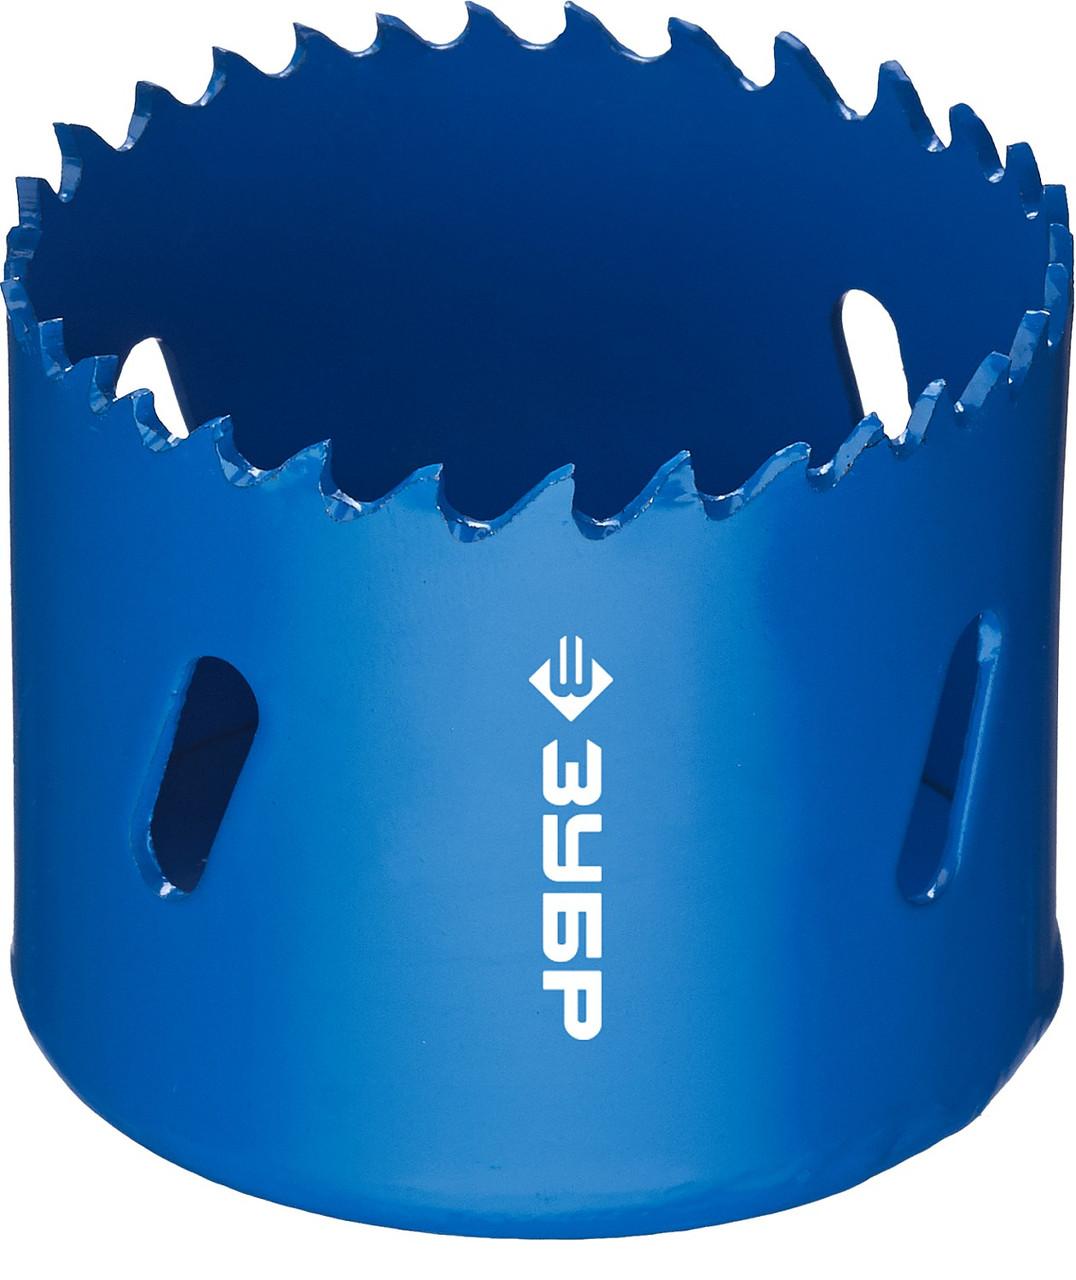 Коронка биметаллическая, быстрорежущая сталь, глубина сверления до 38мм, d-54мм, ЗУБР